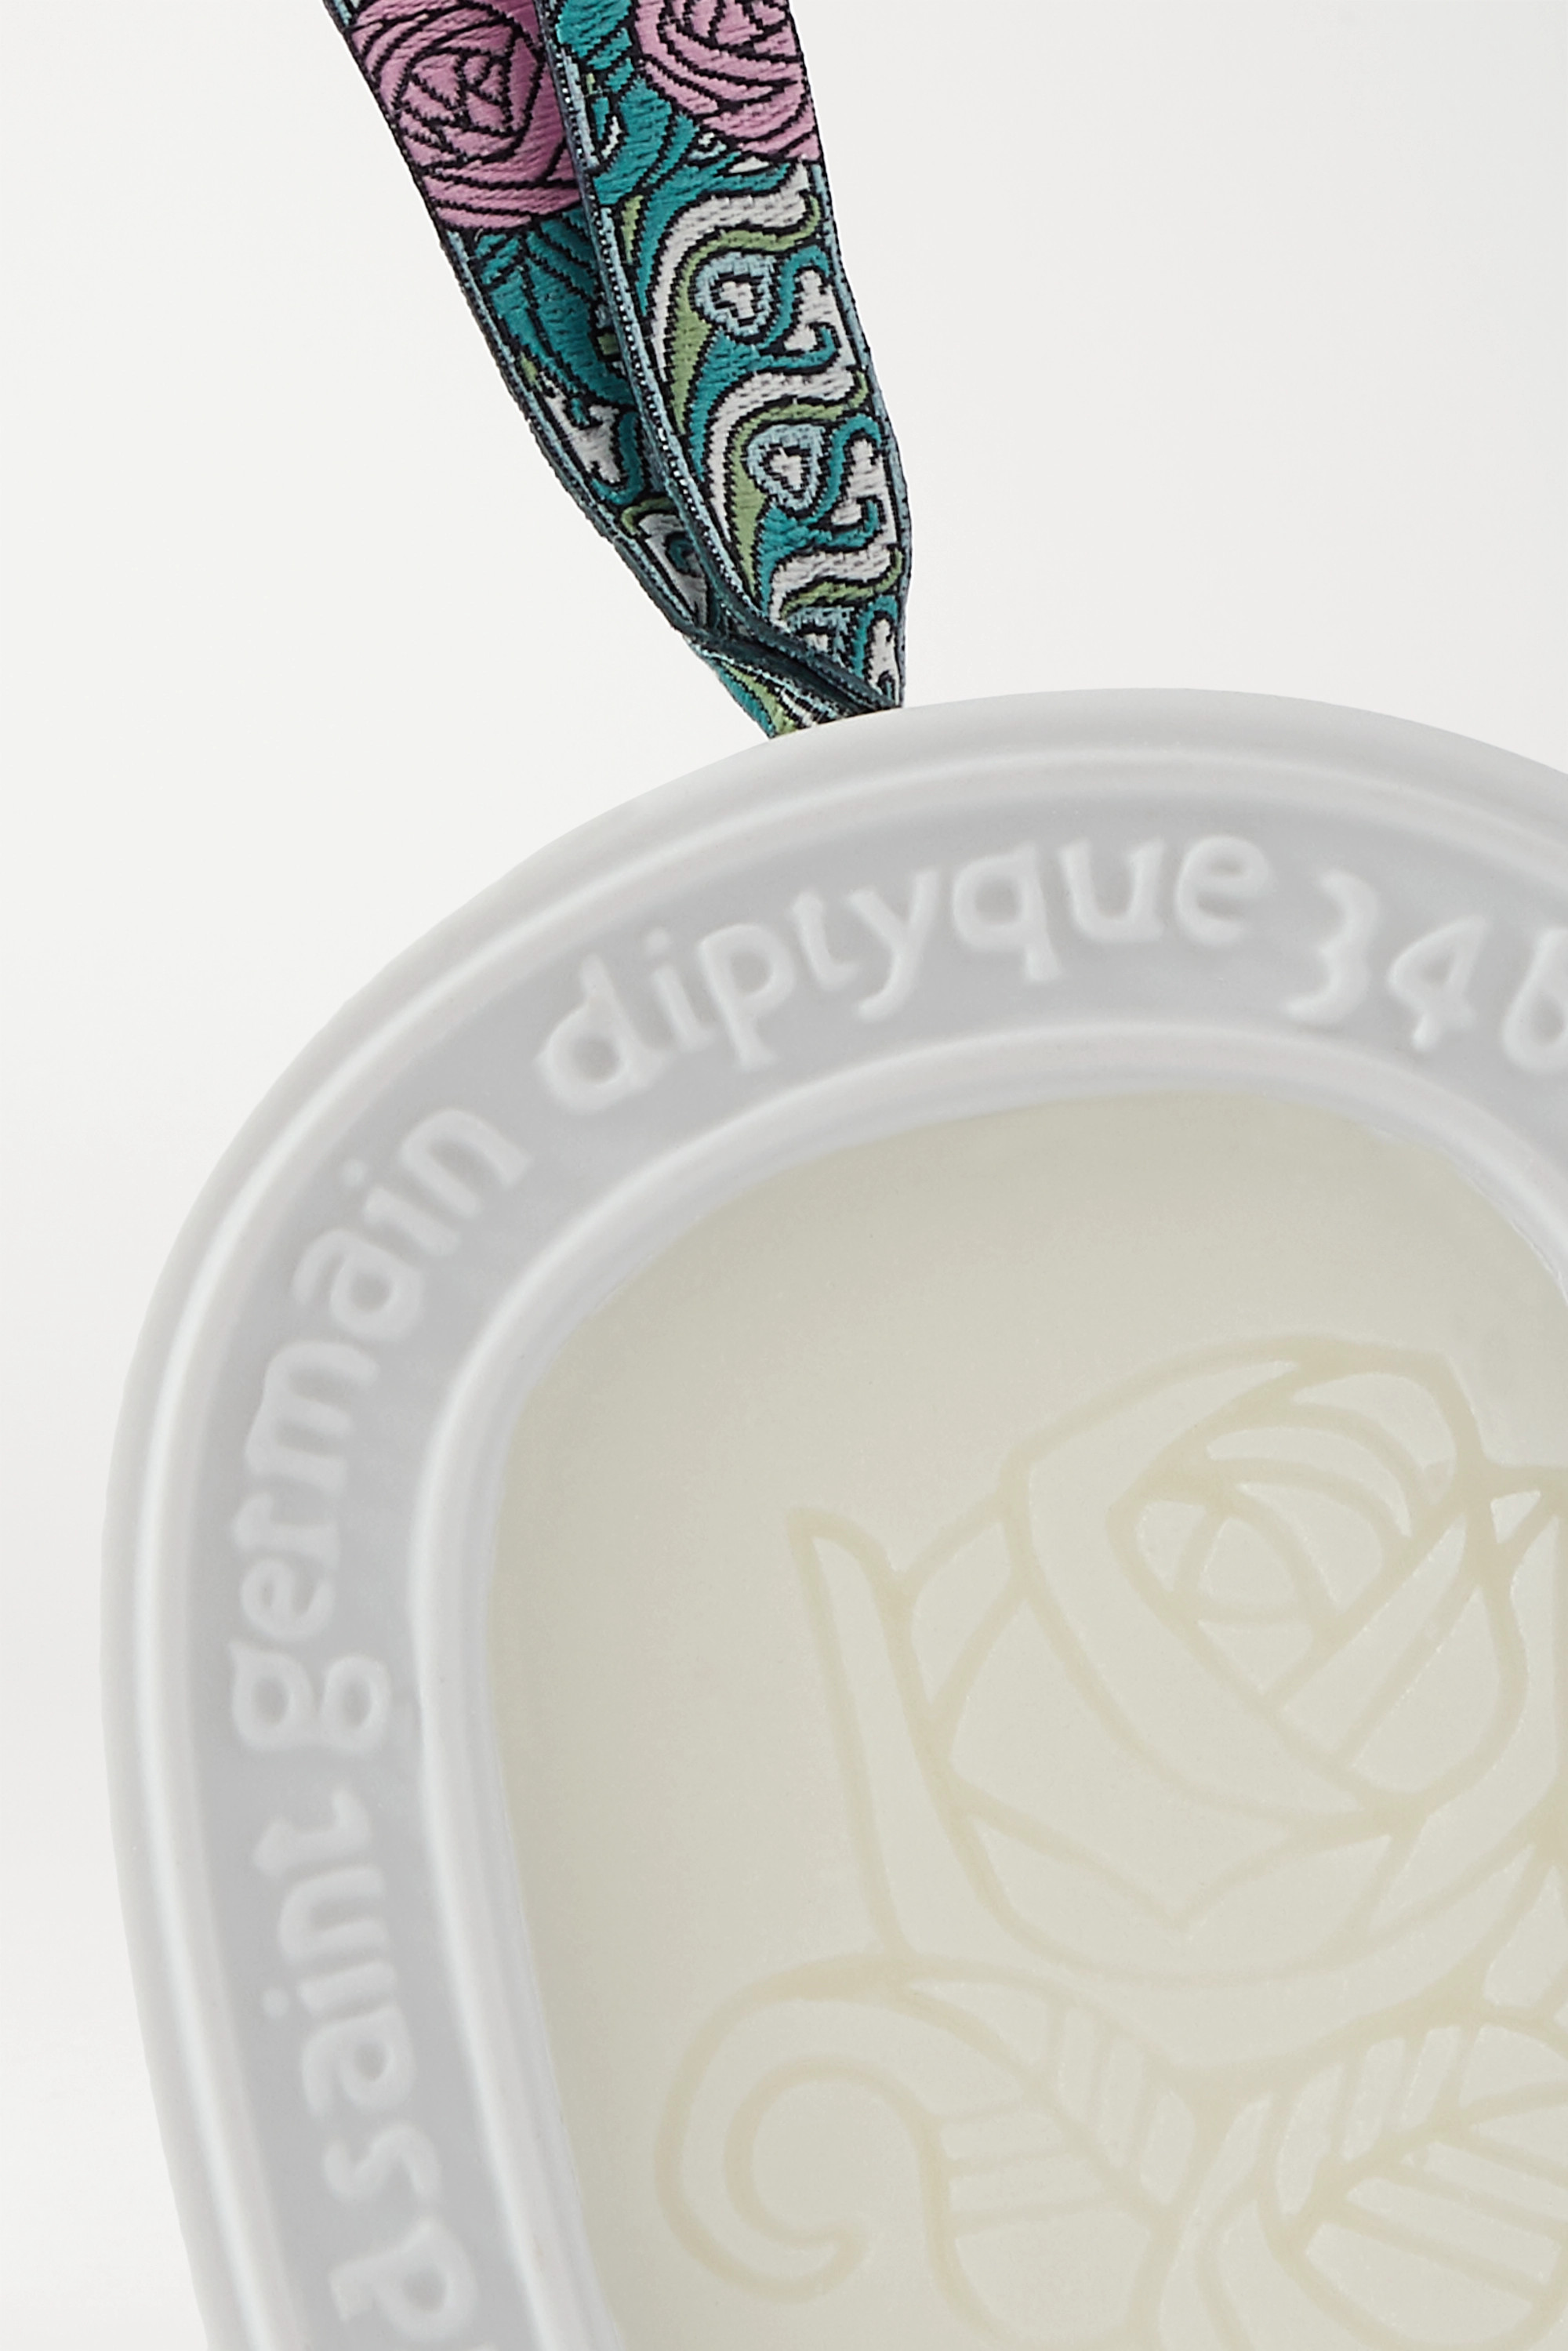 Diptyque Paris en Fleur Scented Oval, 35g